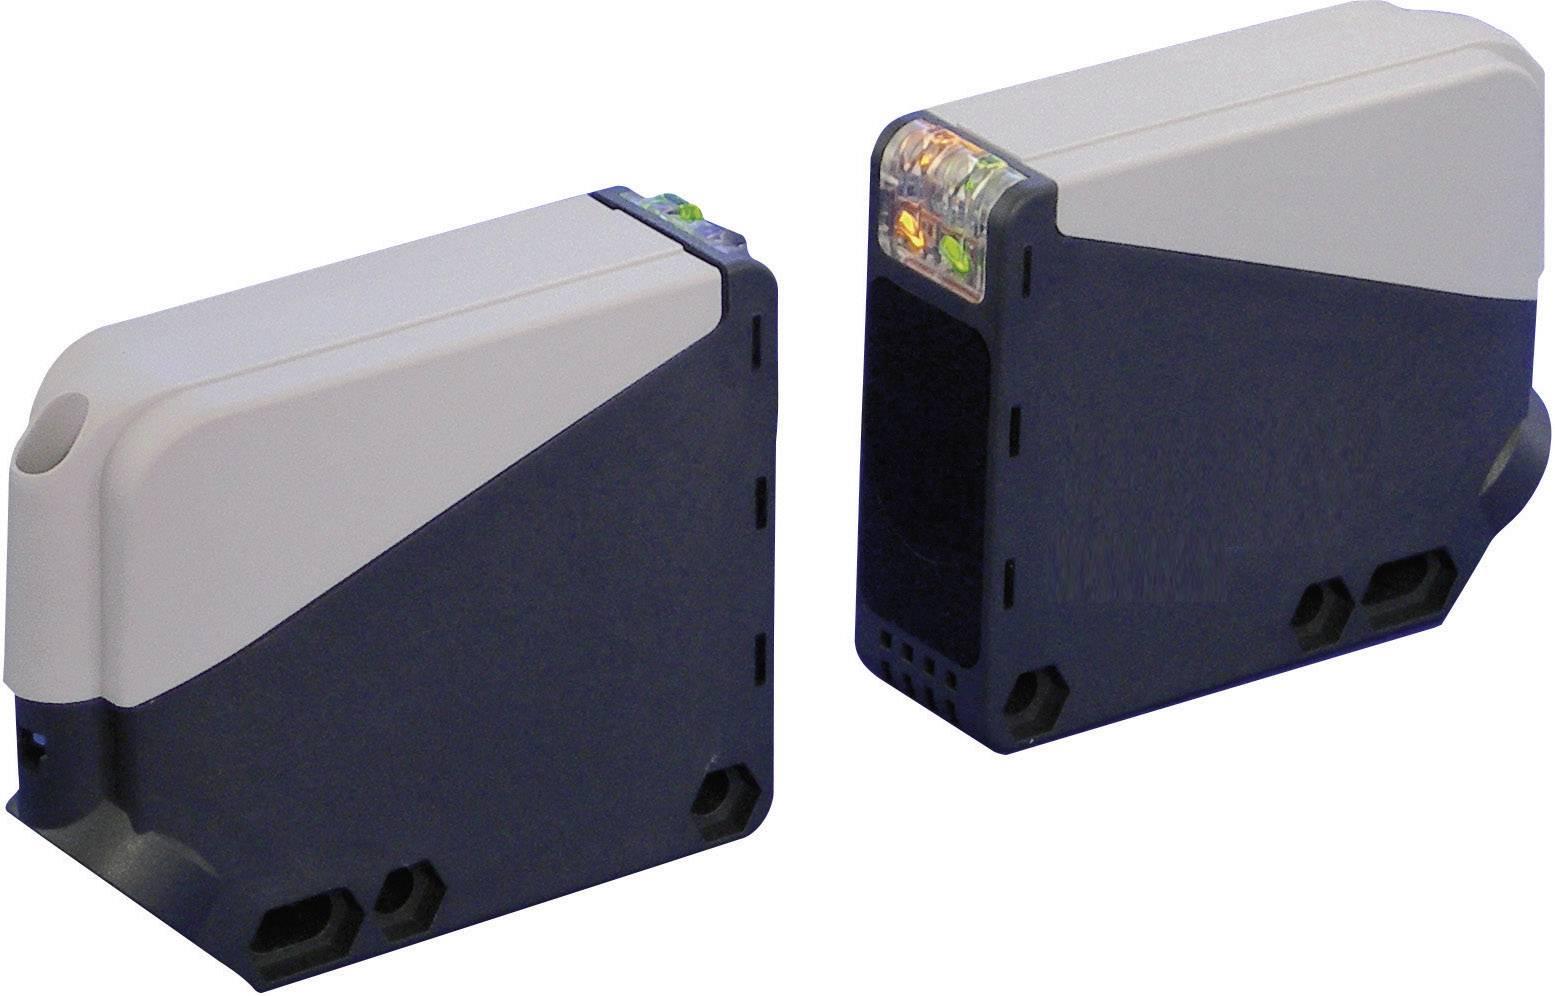 Jednocestná optická závora s časovačem Idec SA1U-T50MT, dosah 50 m, relé 250 V/AC/30 V/DC, IP67